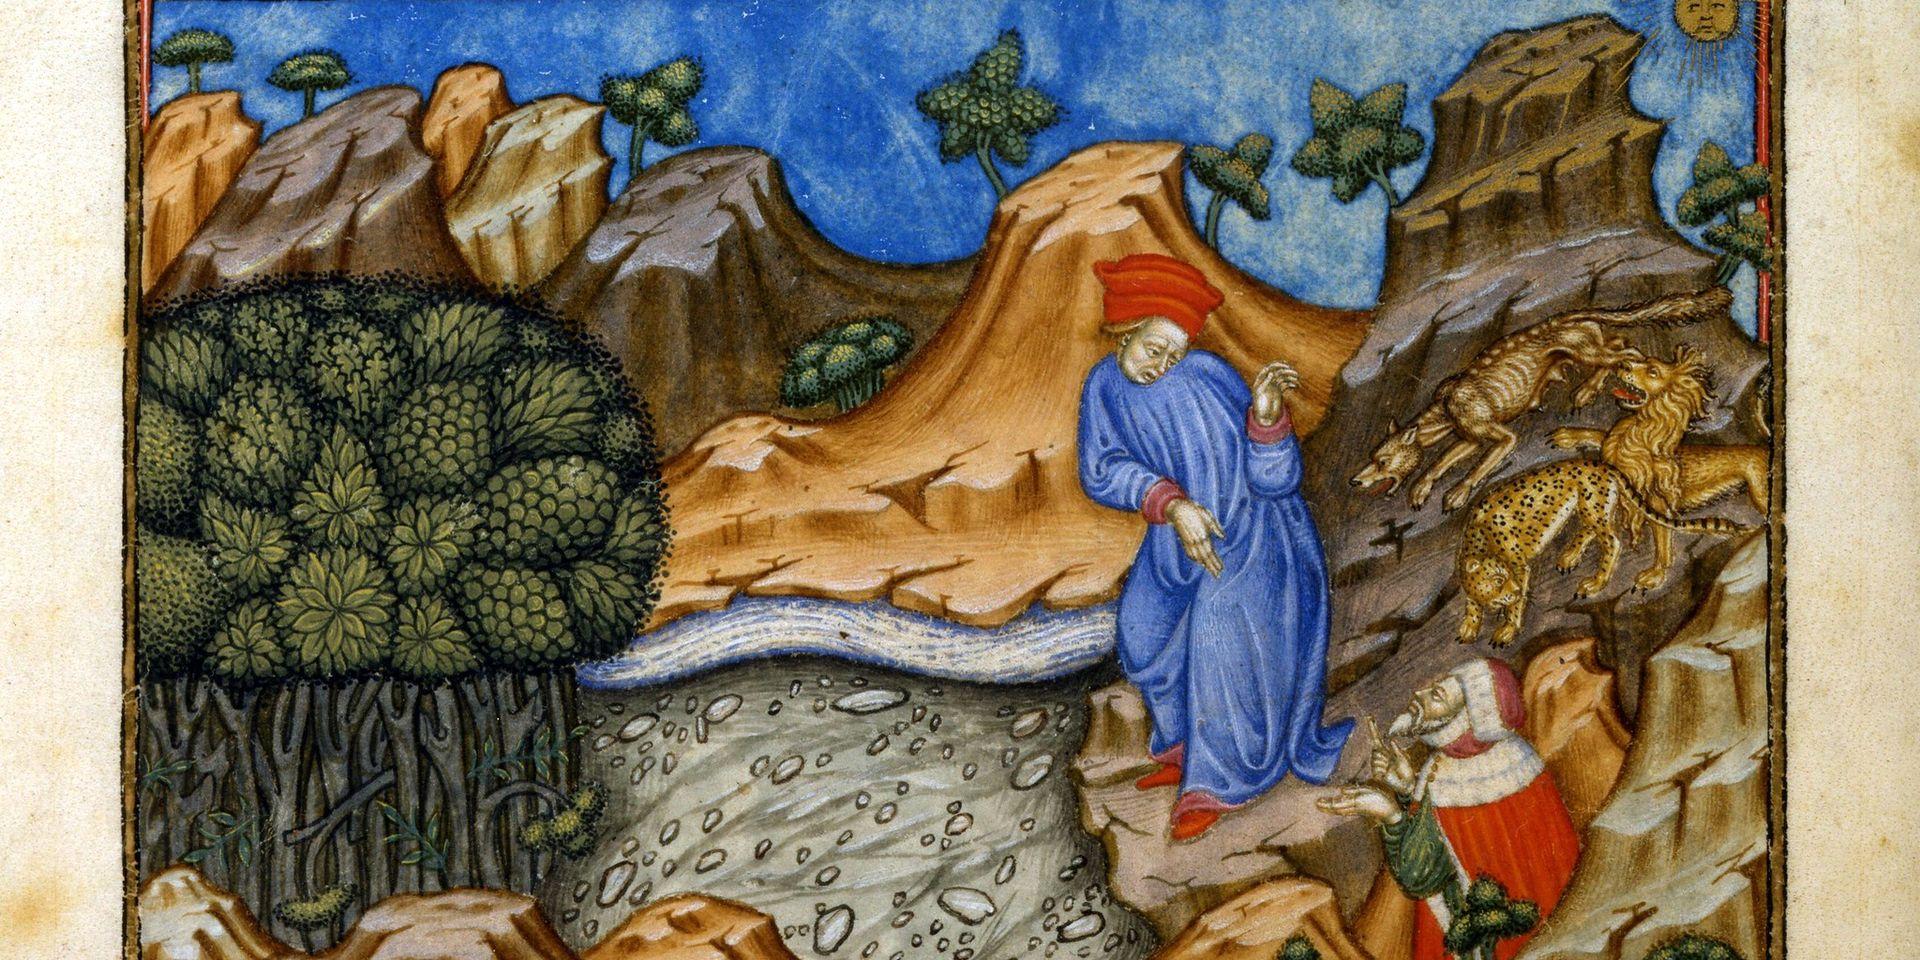 Manoscritto 76 - Biblioteca comunale di Imola